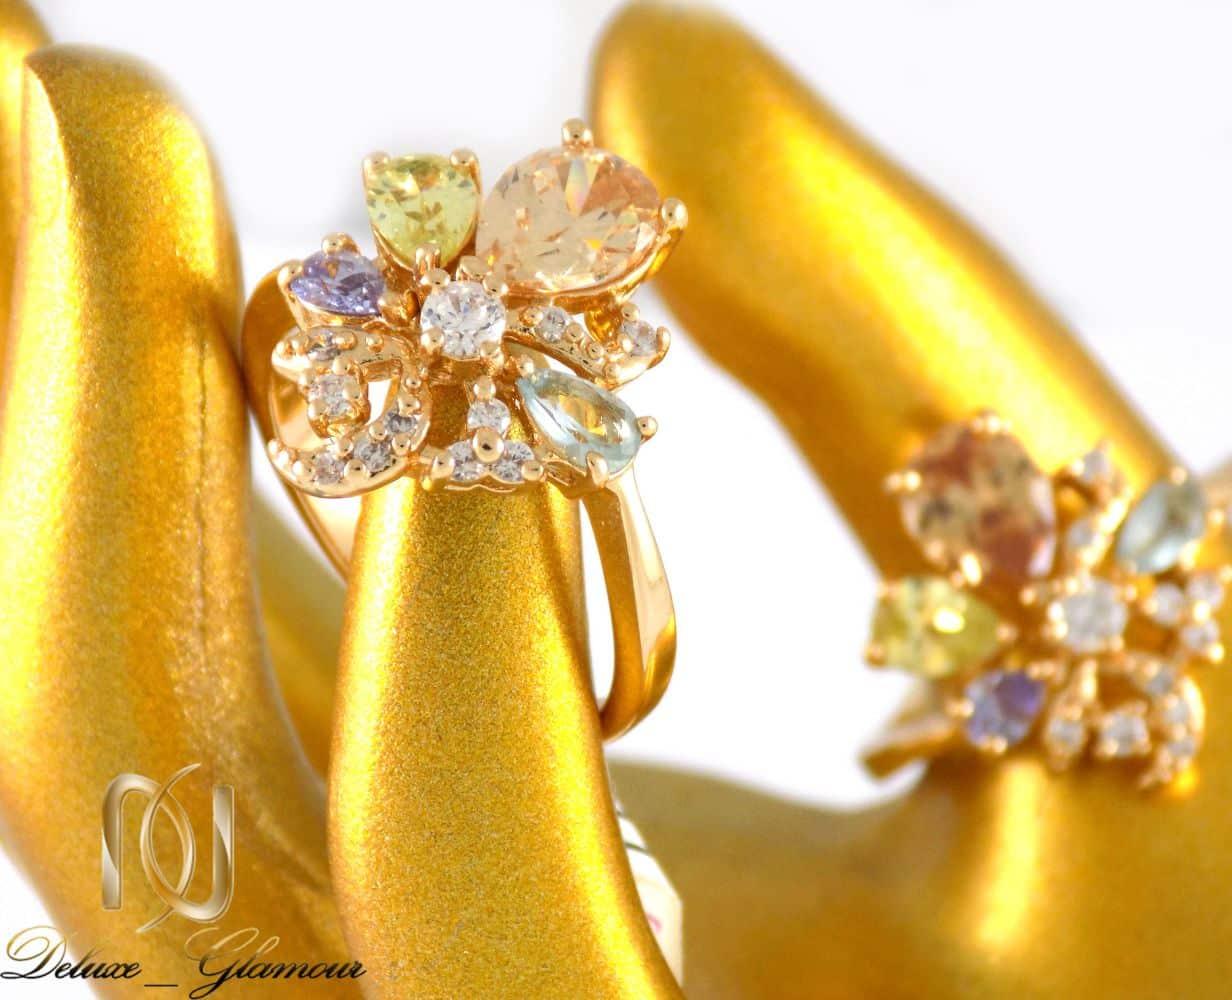 انگشتر دخترانه ژوپینگ با نگین های رنگی و روکش آب طلا dl-s123